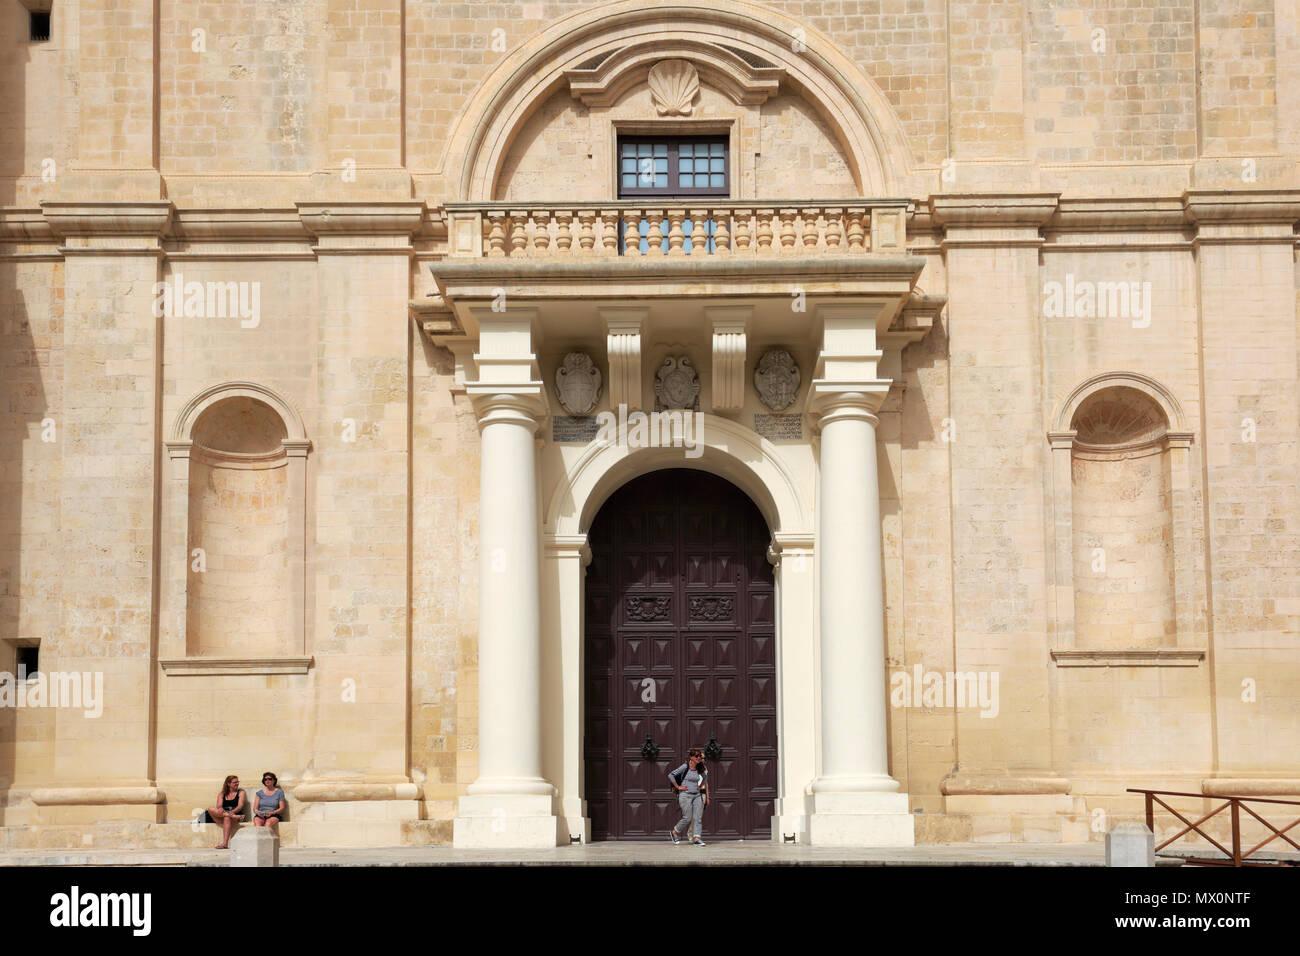 La iglesia concatedral de San Juan, Valletta, Malta Foto de stock